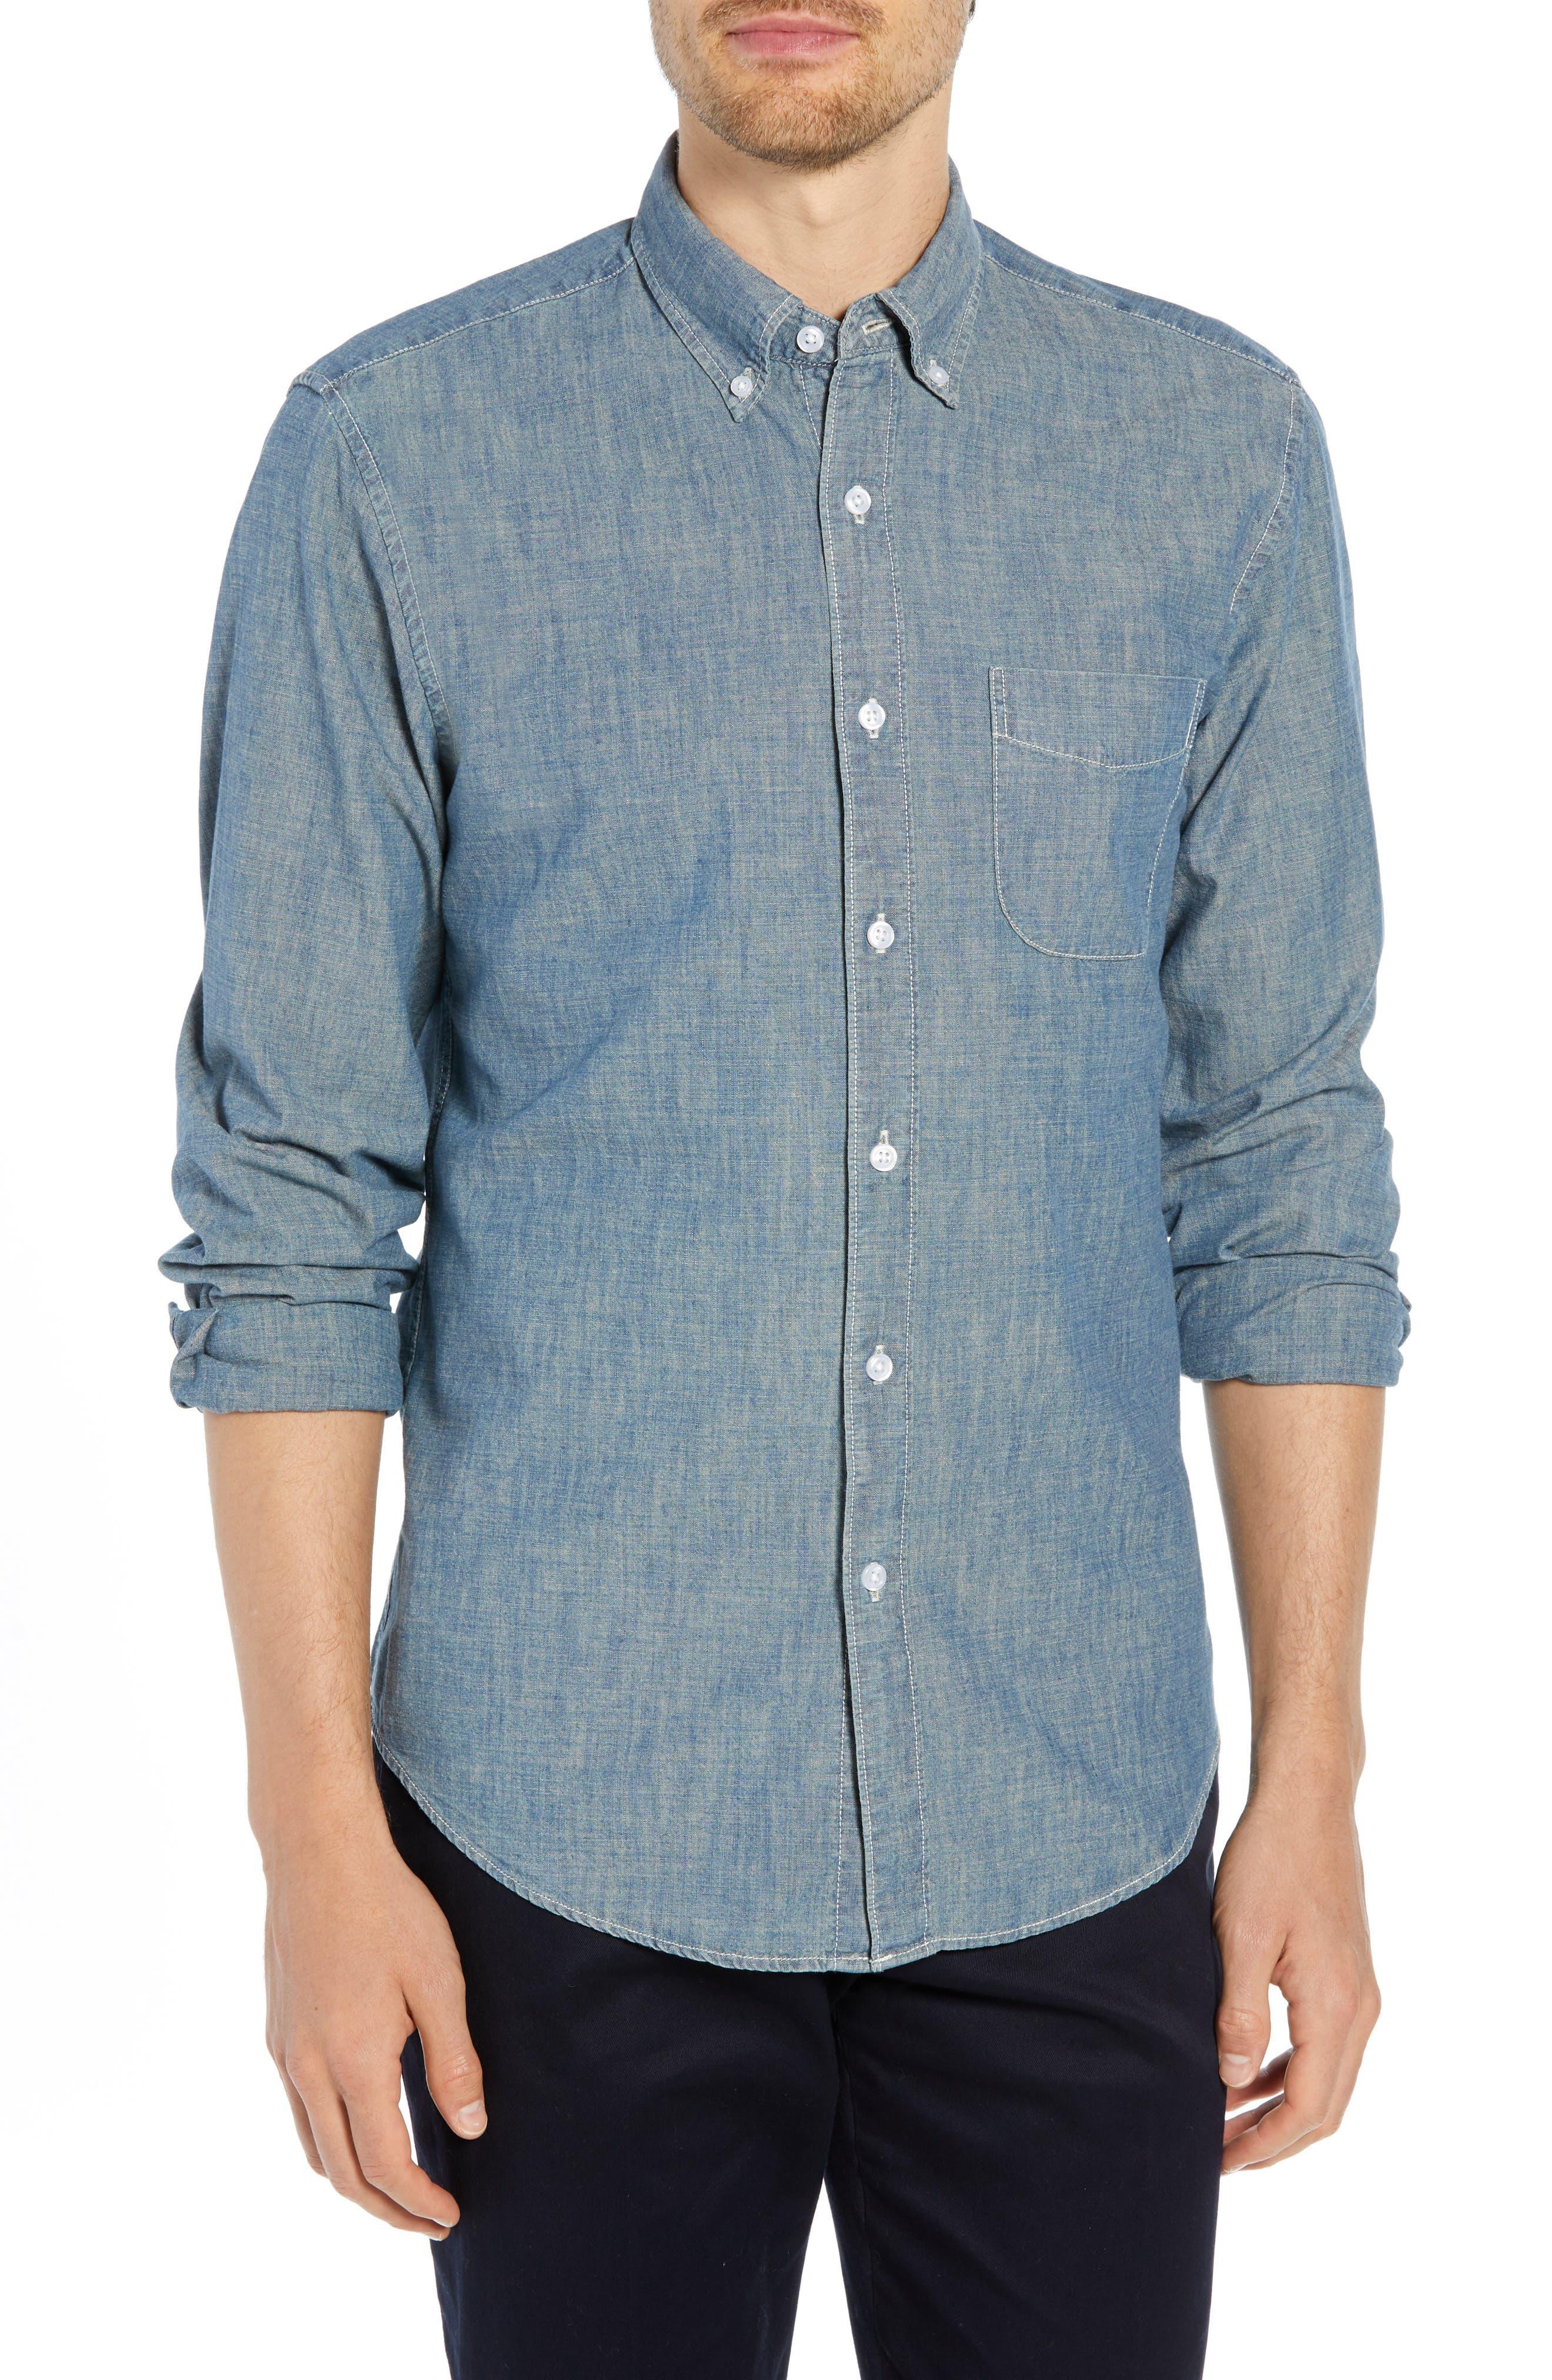 Slim Fit Indigo Japanese Chambray Shirt,                             Main thumbnail 1, color,                             INDIGO